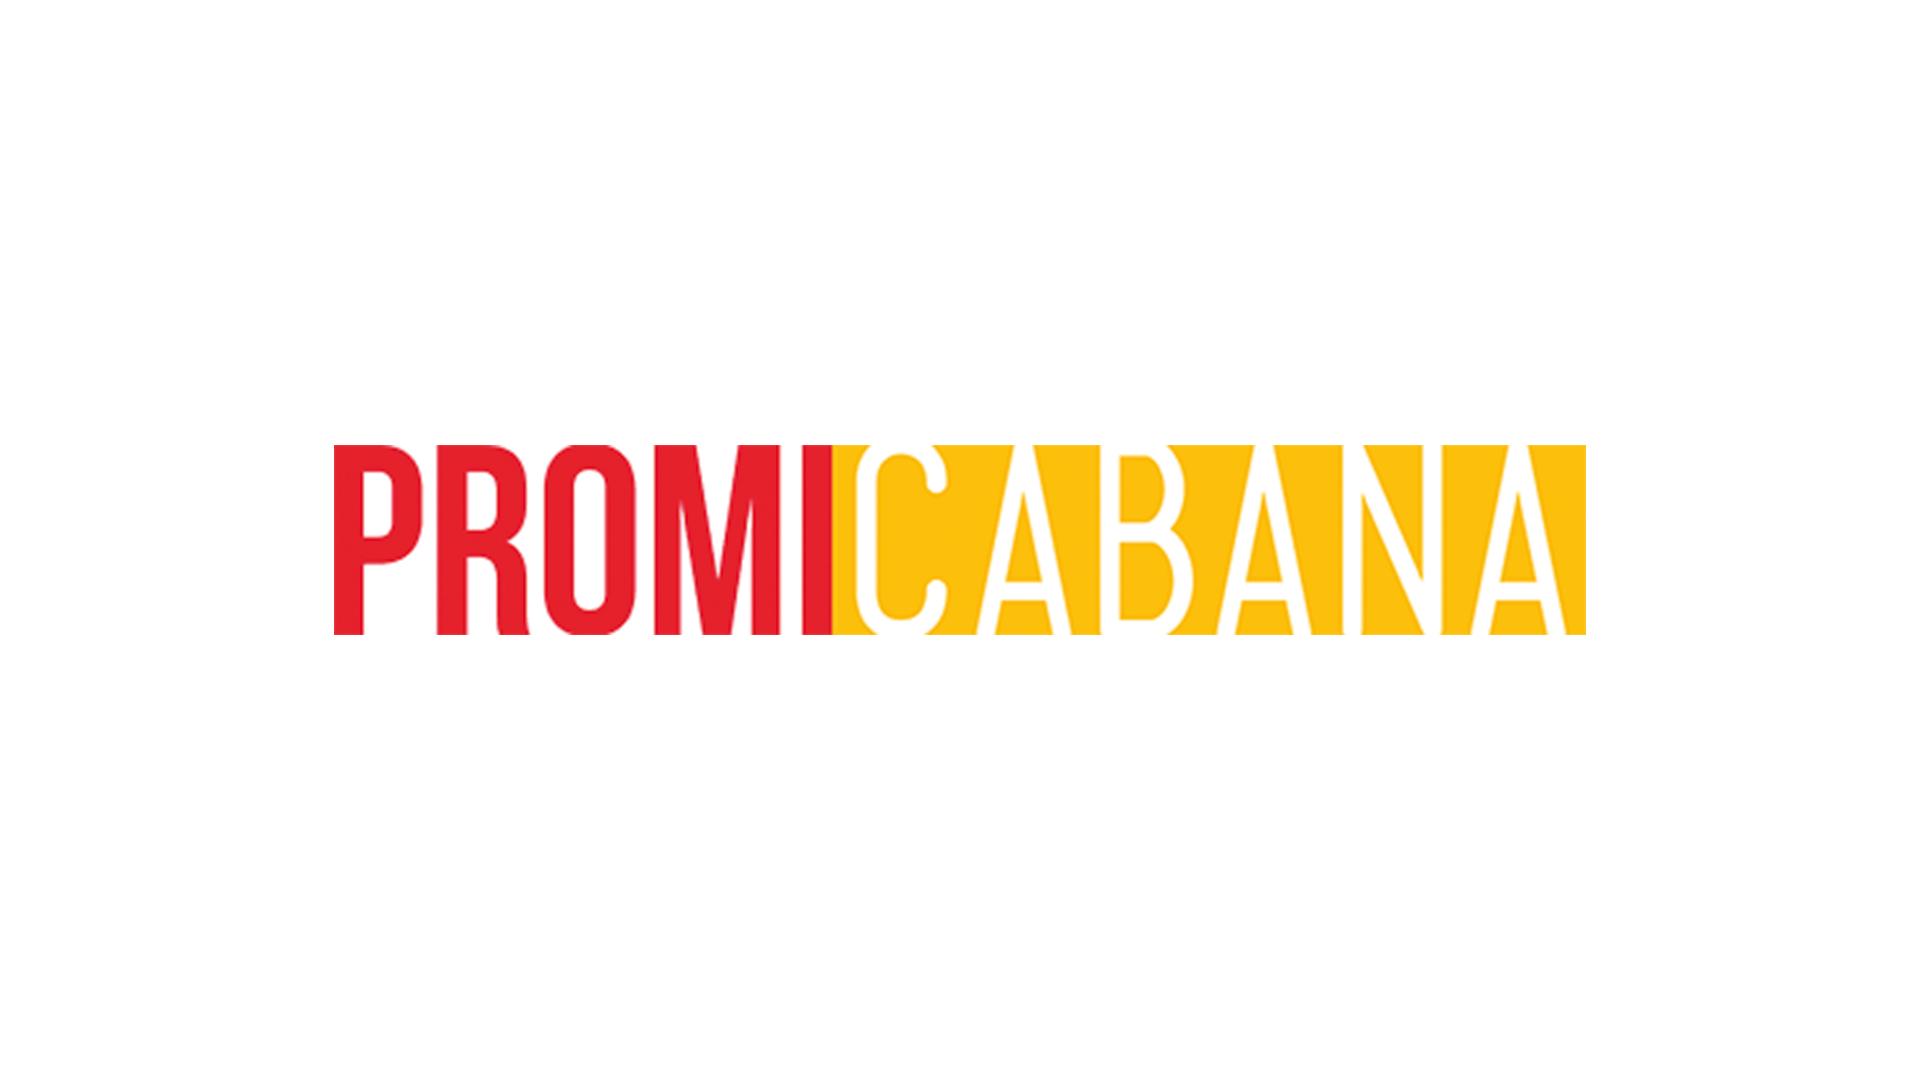 Justin-Timberlake-Jimmy-Fallon